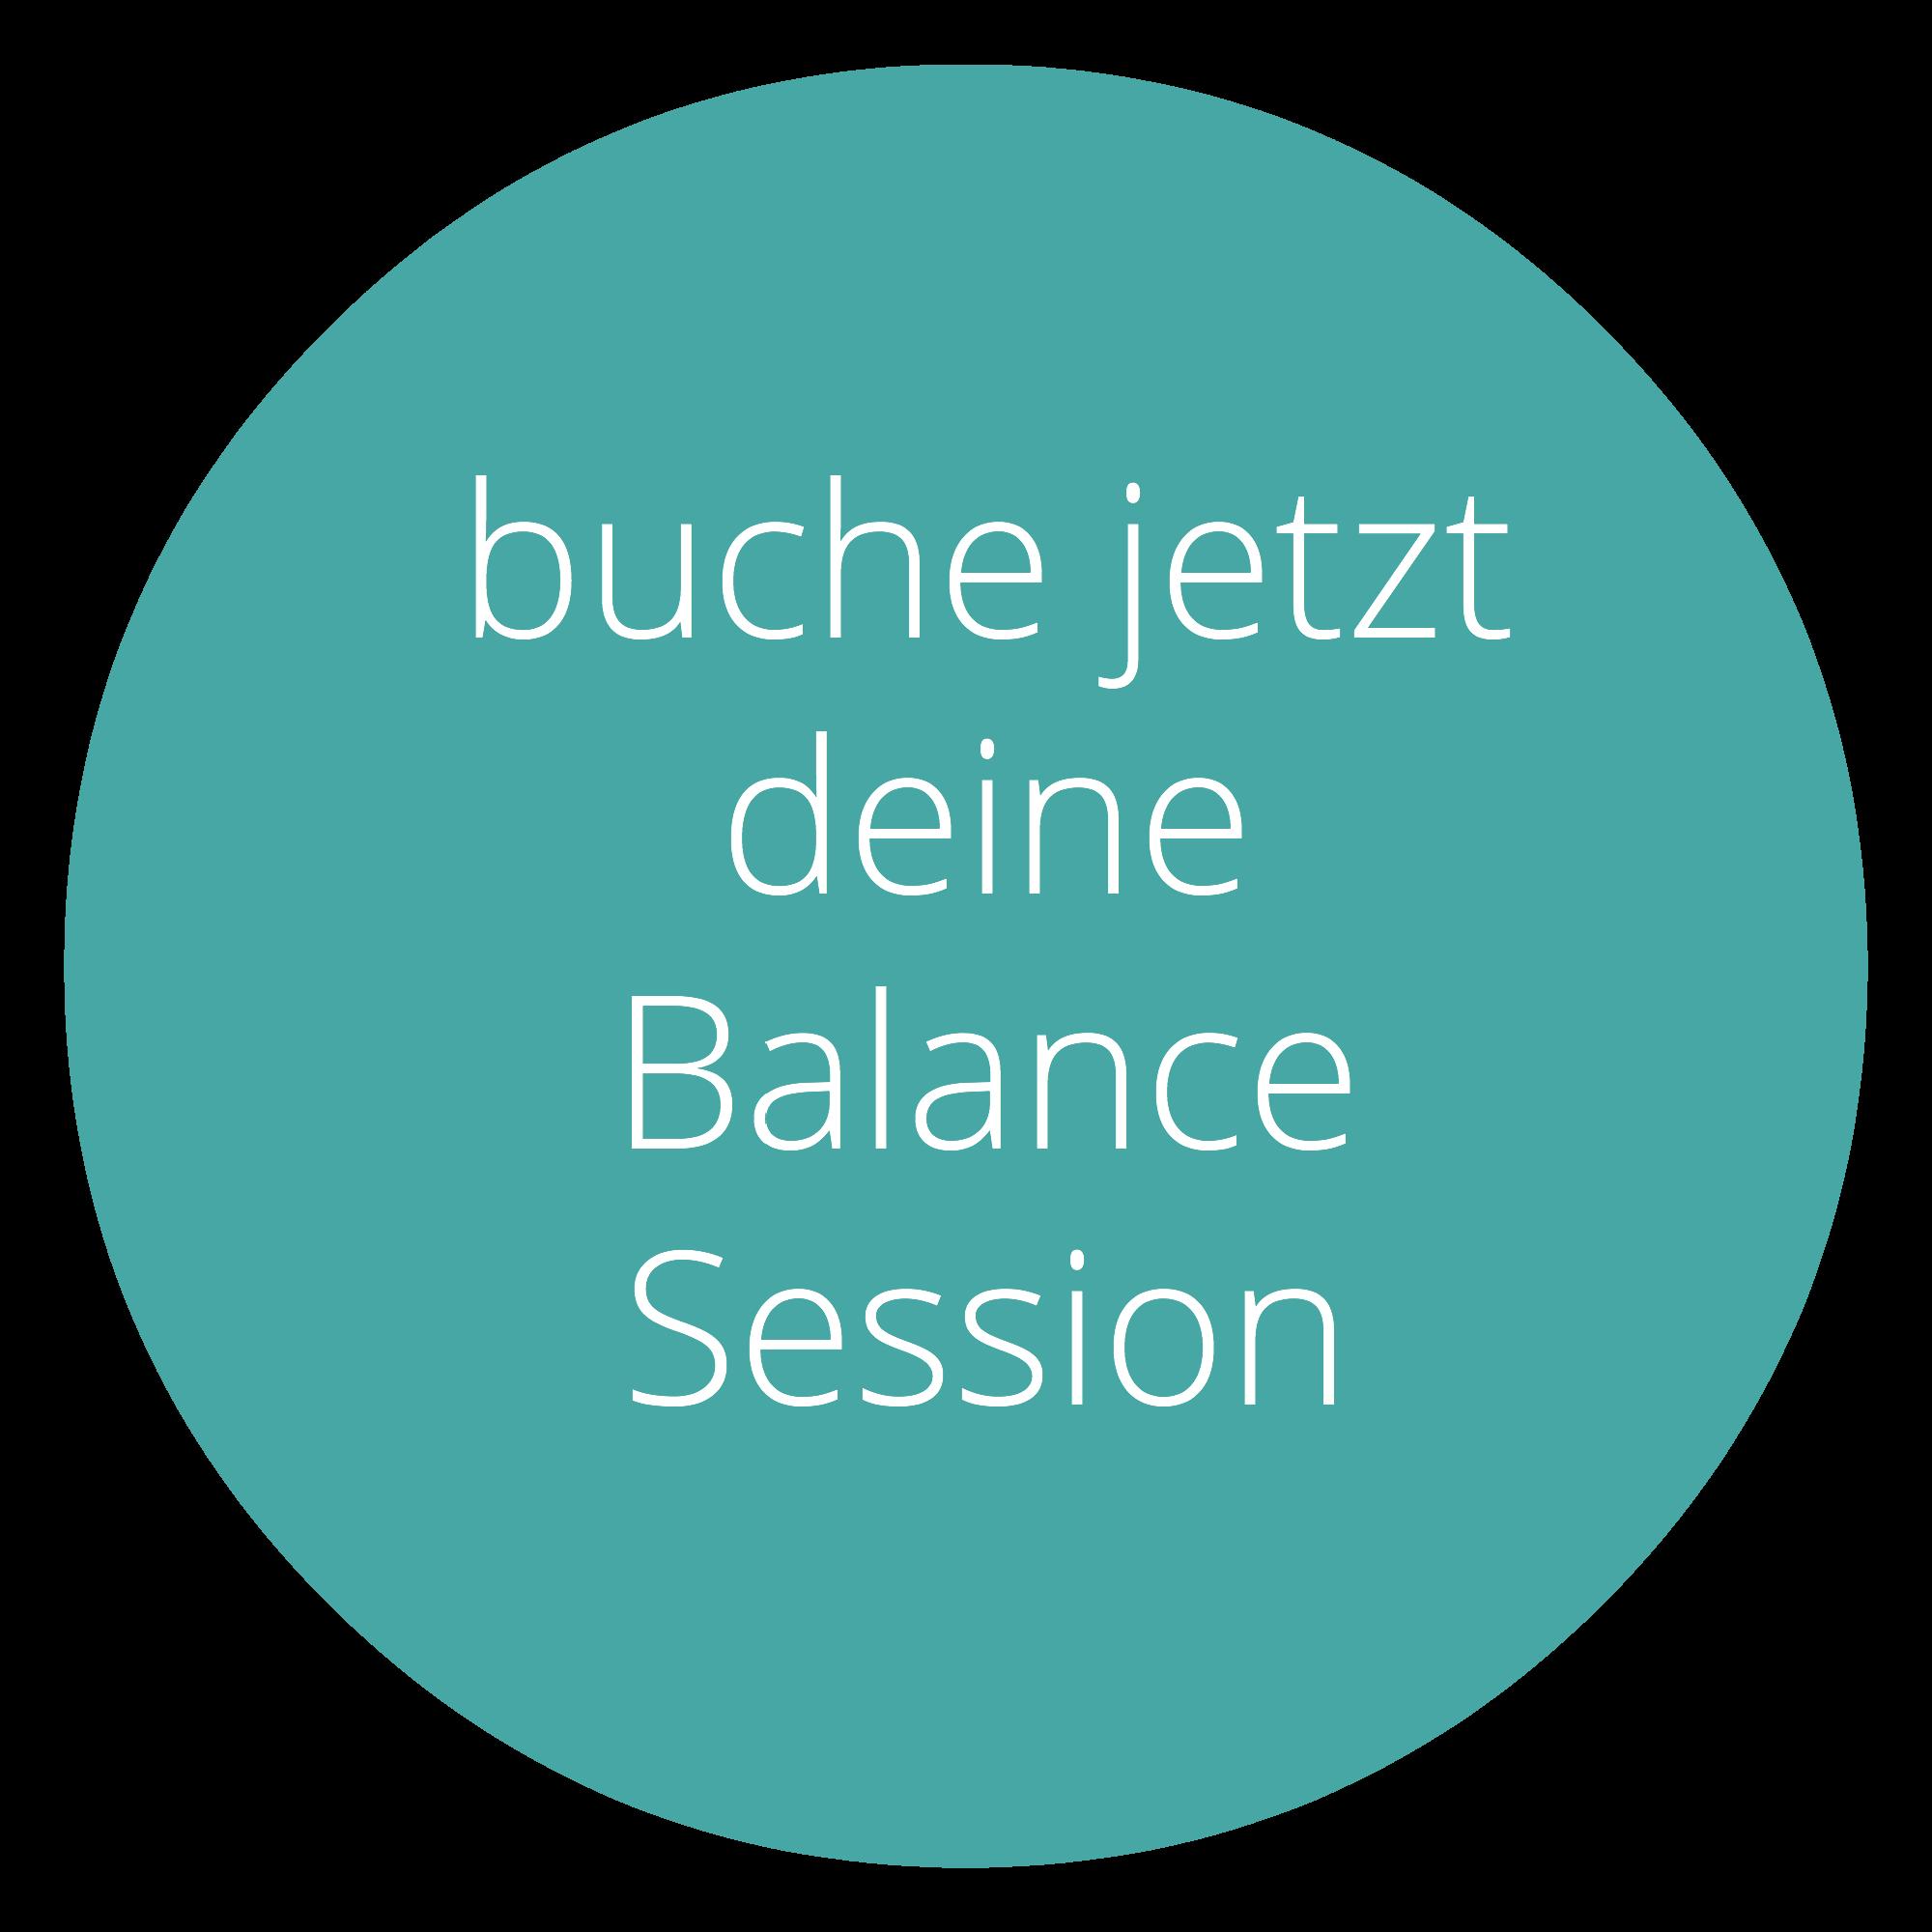 Balance Session